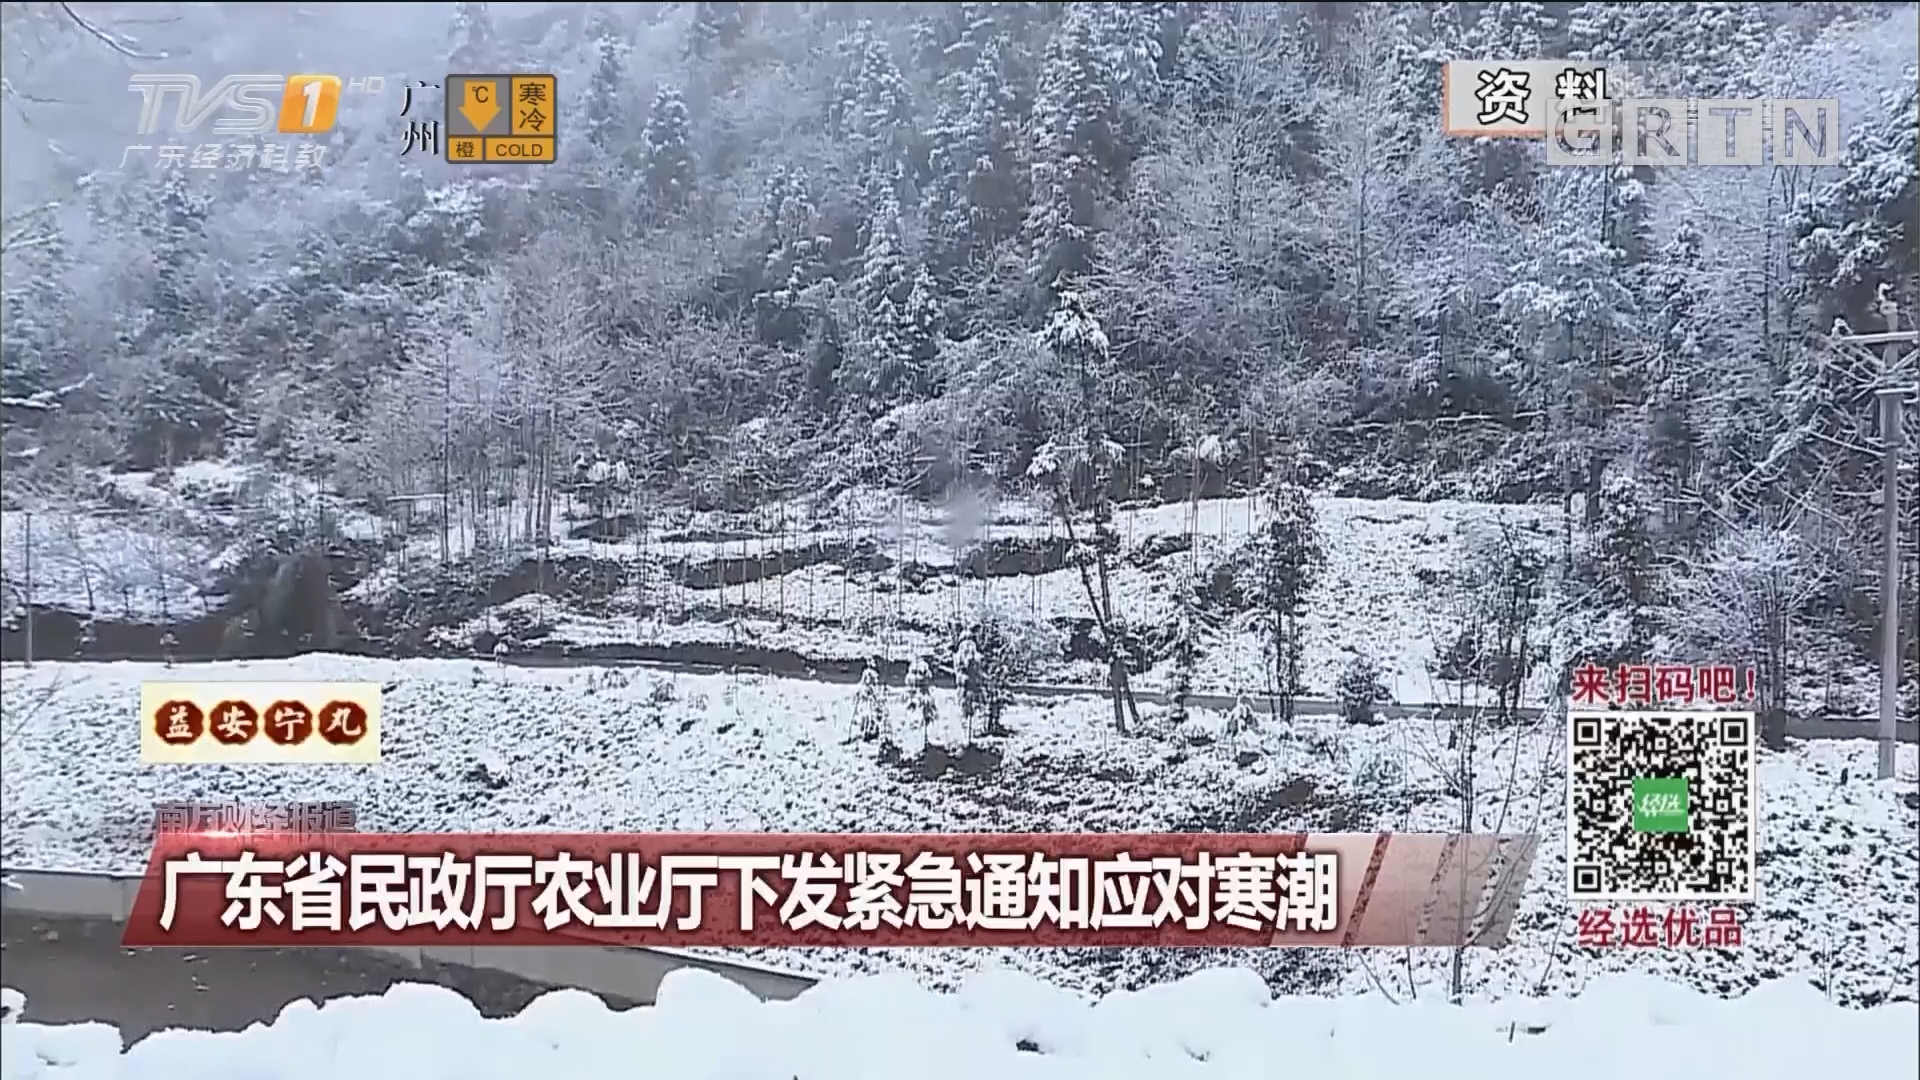 广东省民政厅农业厅下发紧急通知应对寒潮